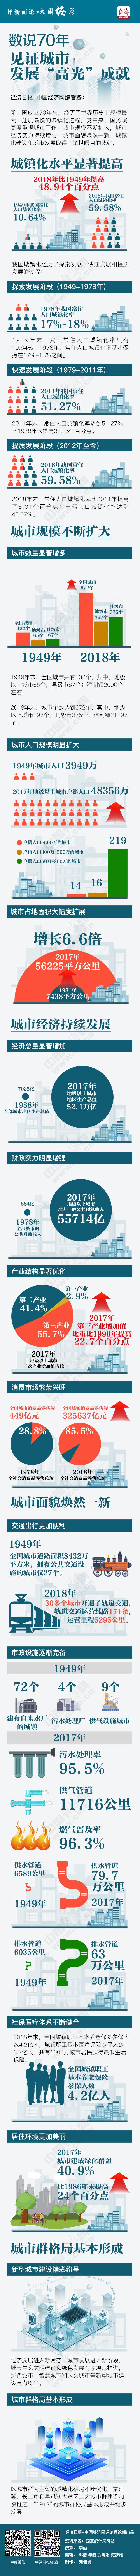 """【评新而论·大国经彩】数说70年 见证城市发展""""高光""""成就 新湖南www.hunanabc.com"""